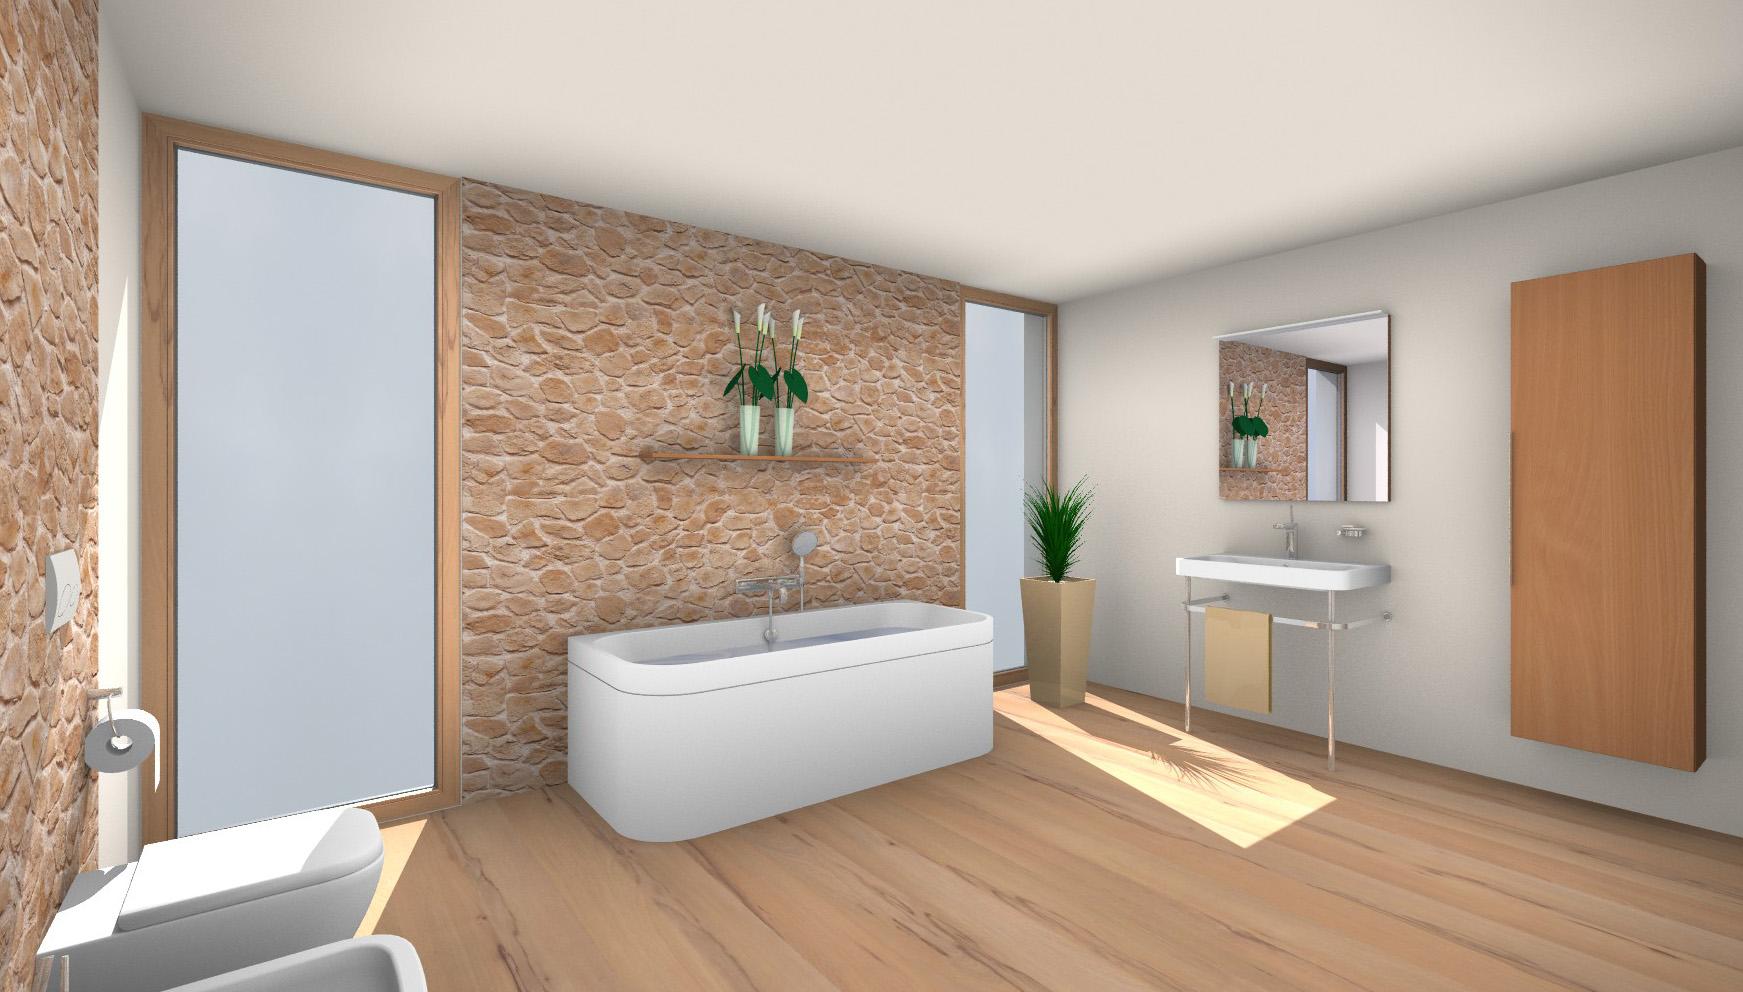 design dit eget badeværelse i 3d